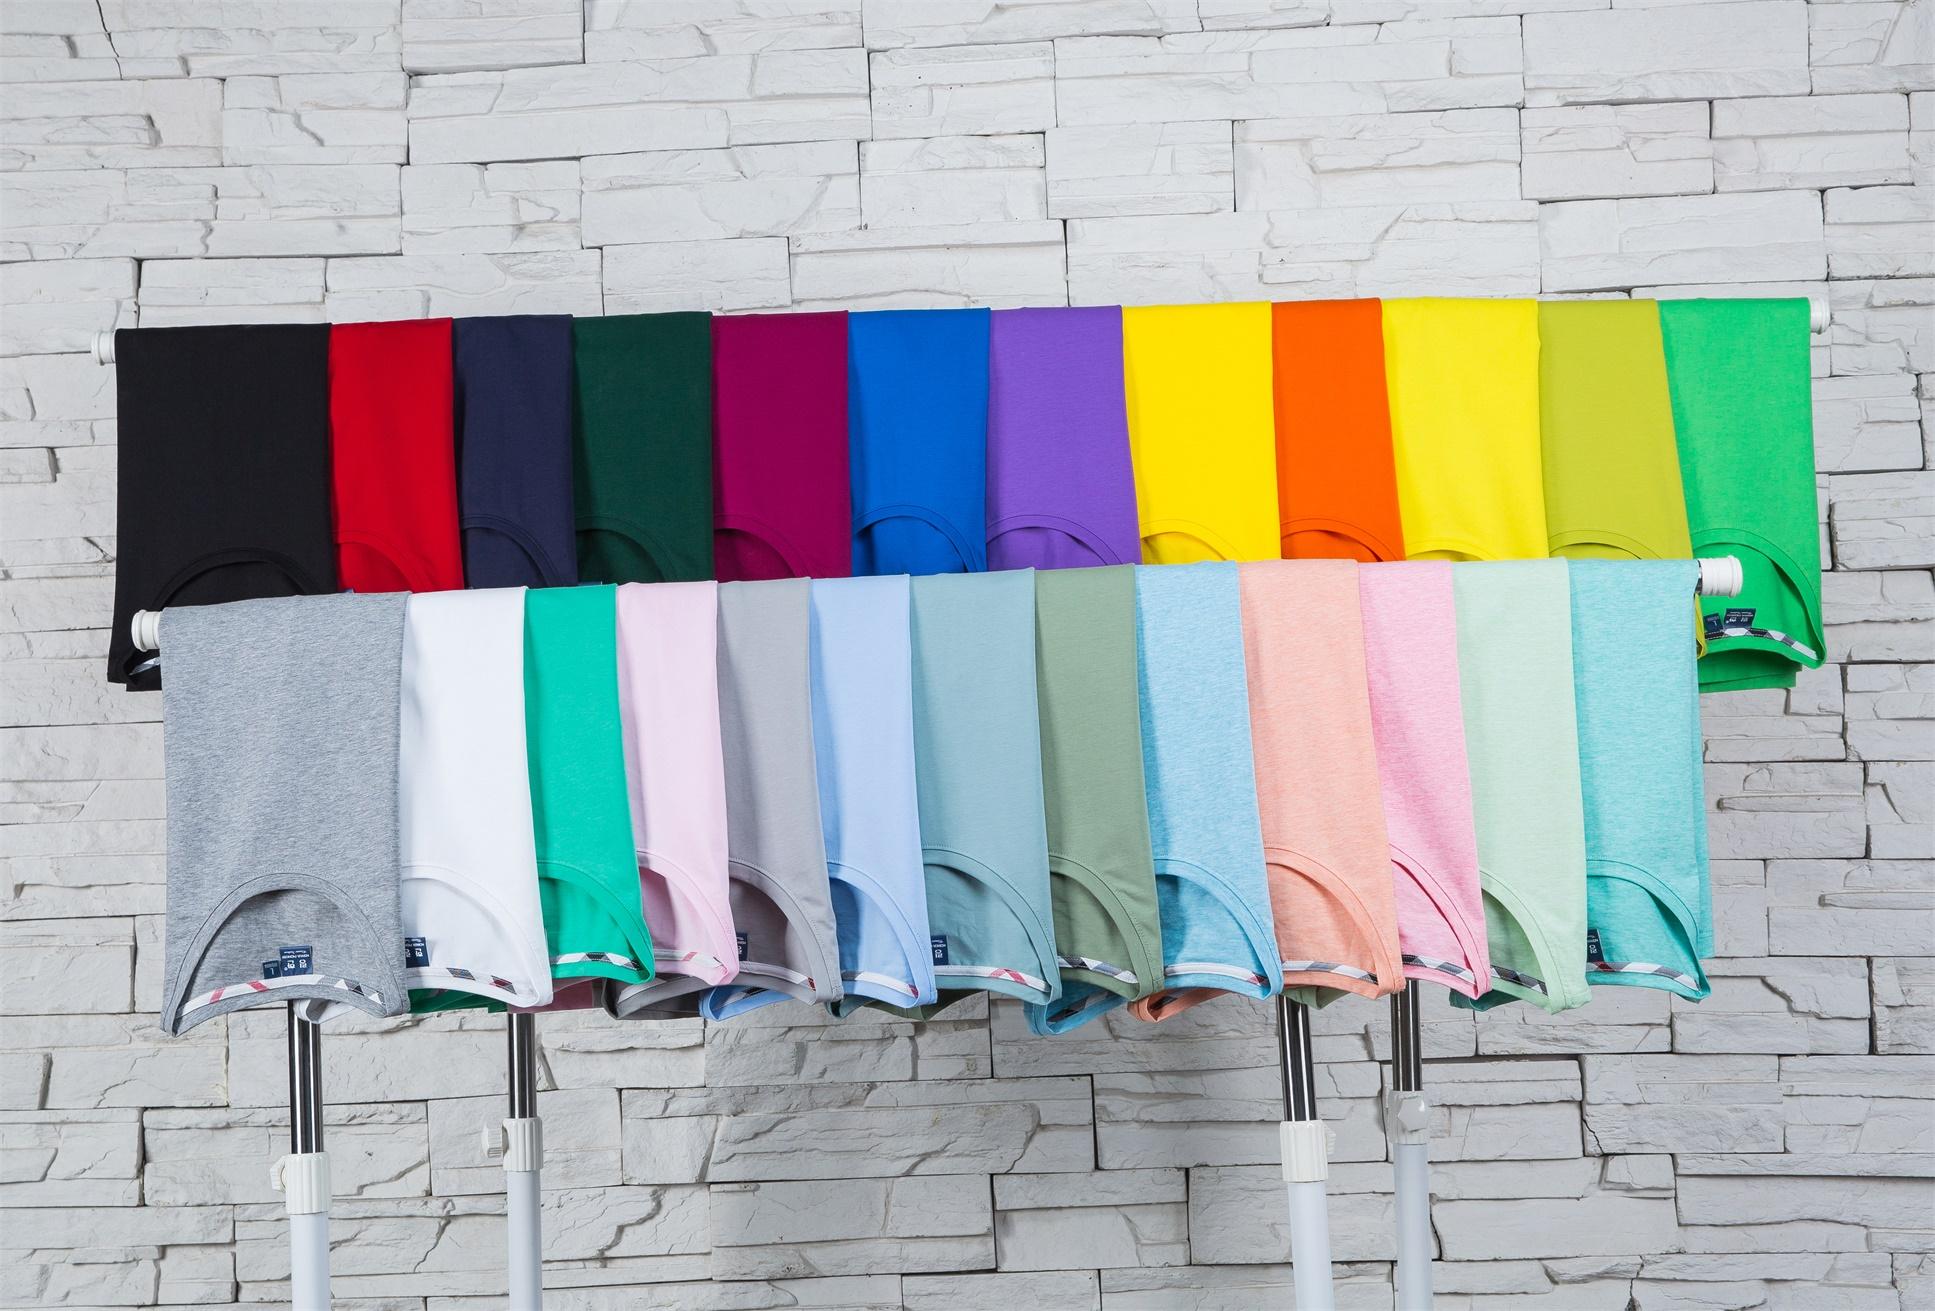 网上定制文化衫都是纯棉的吗?